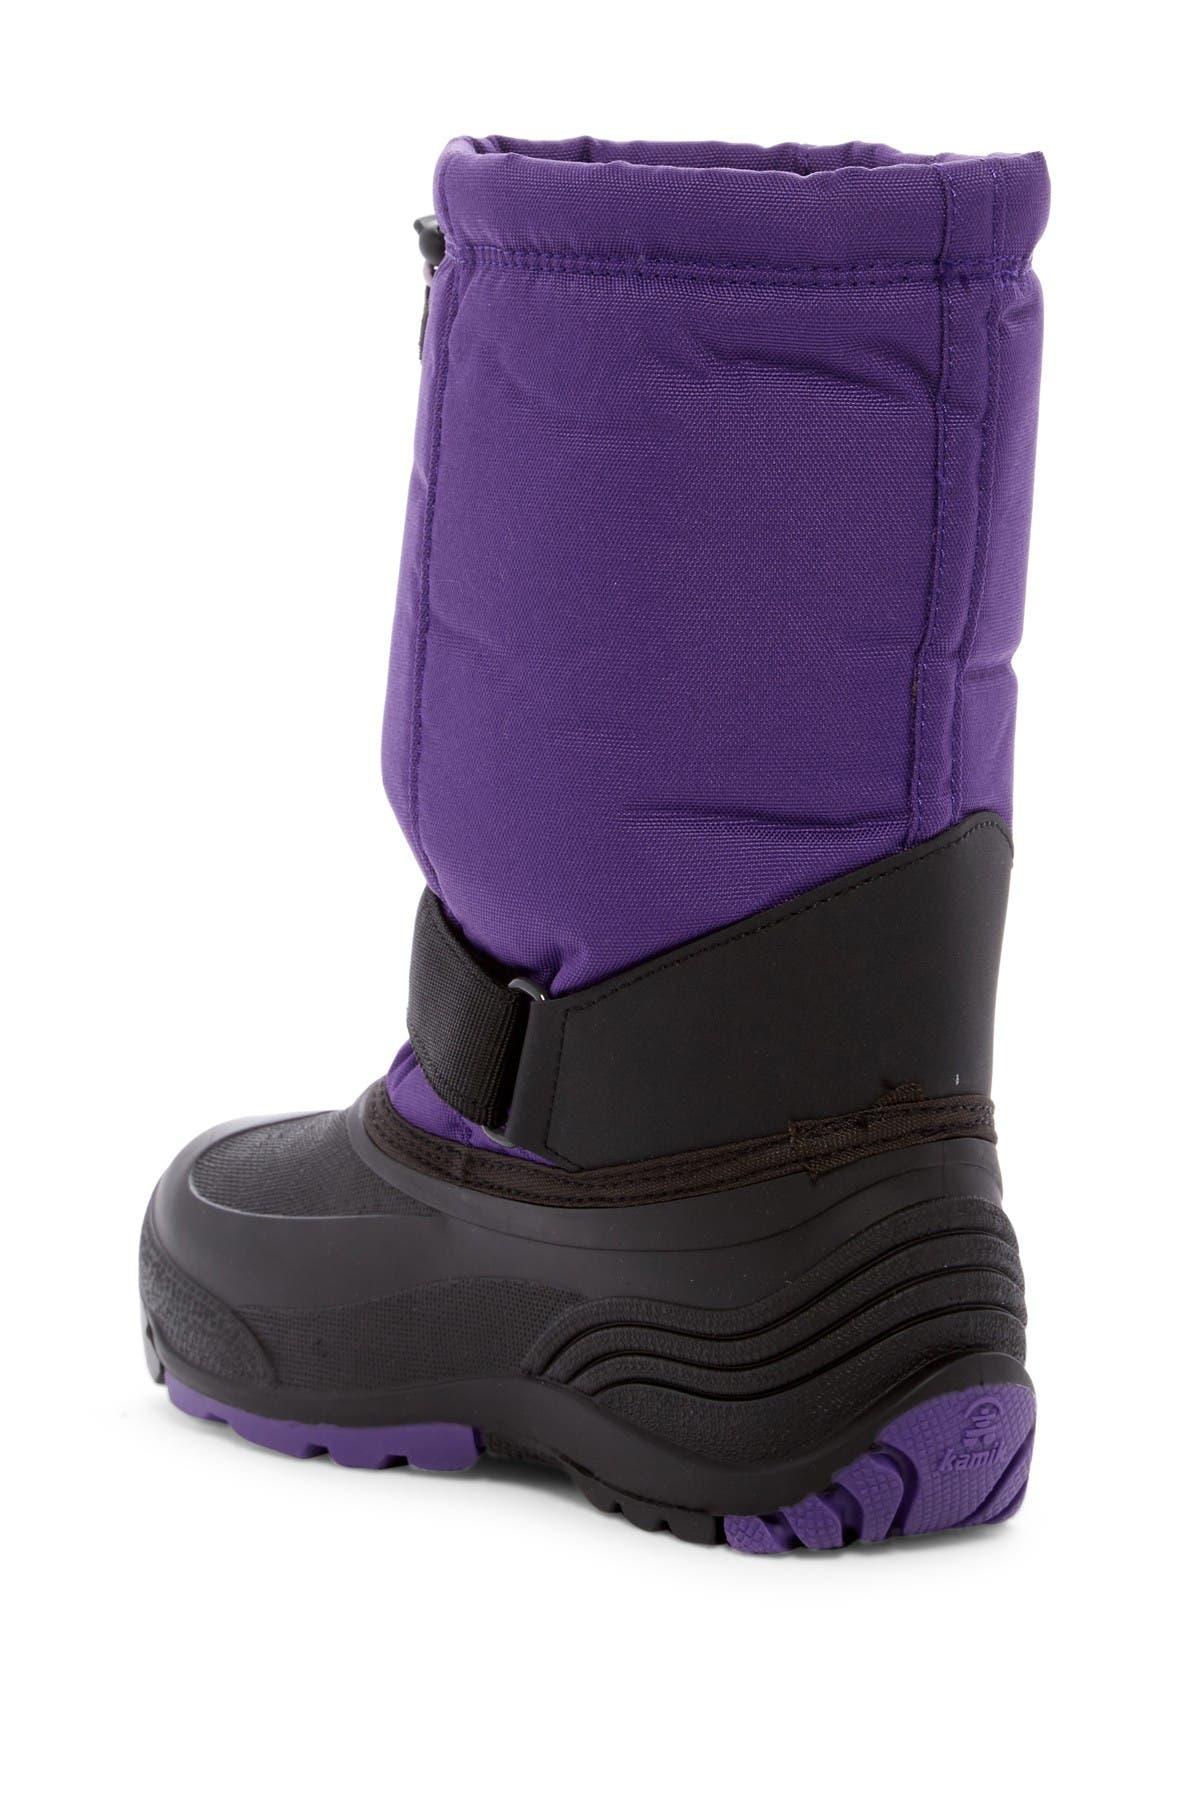 Kamik Rocket Waterproof Snow Boot